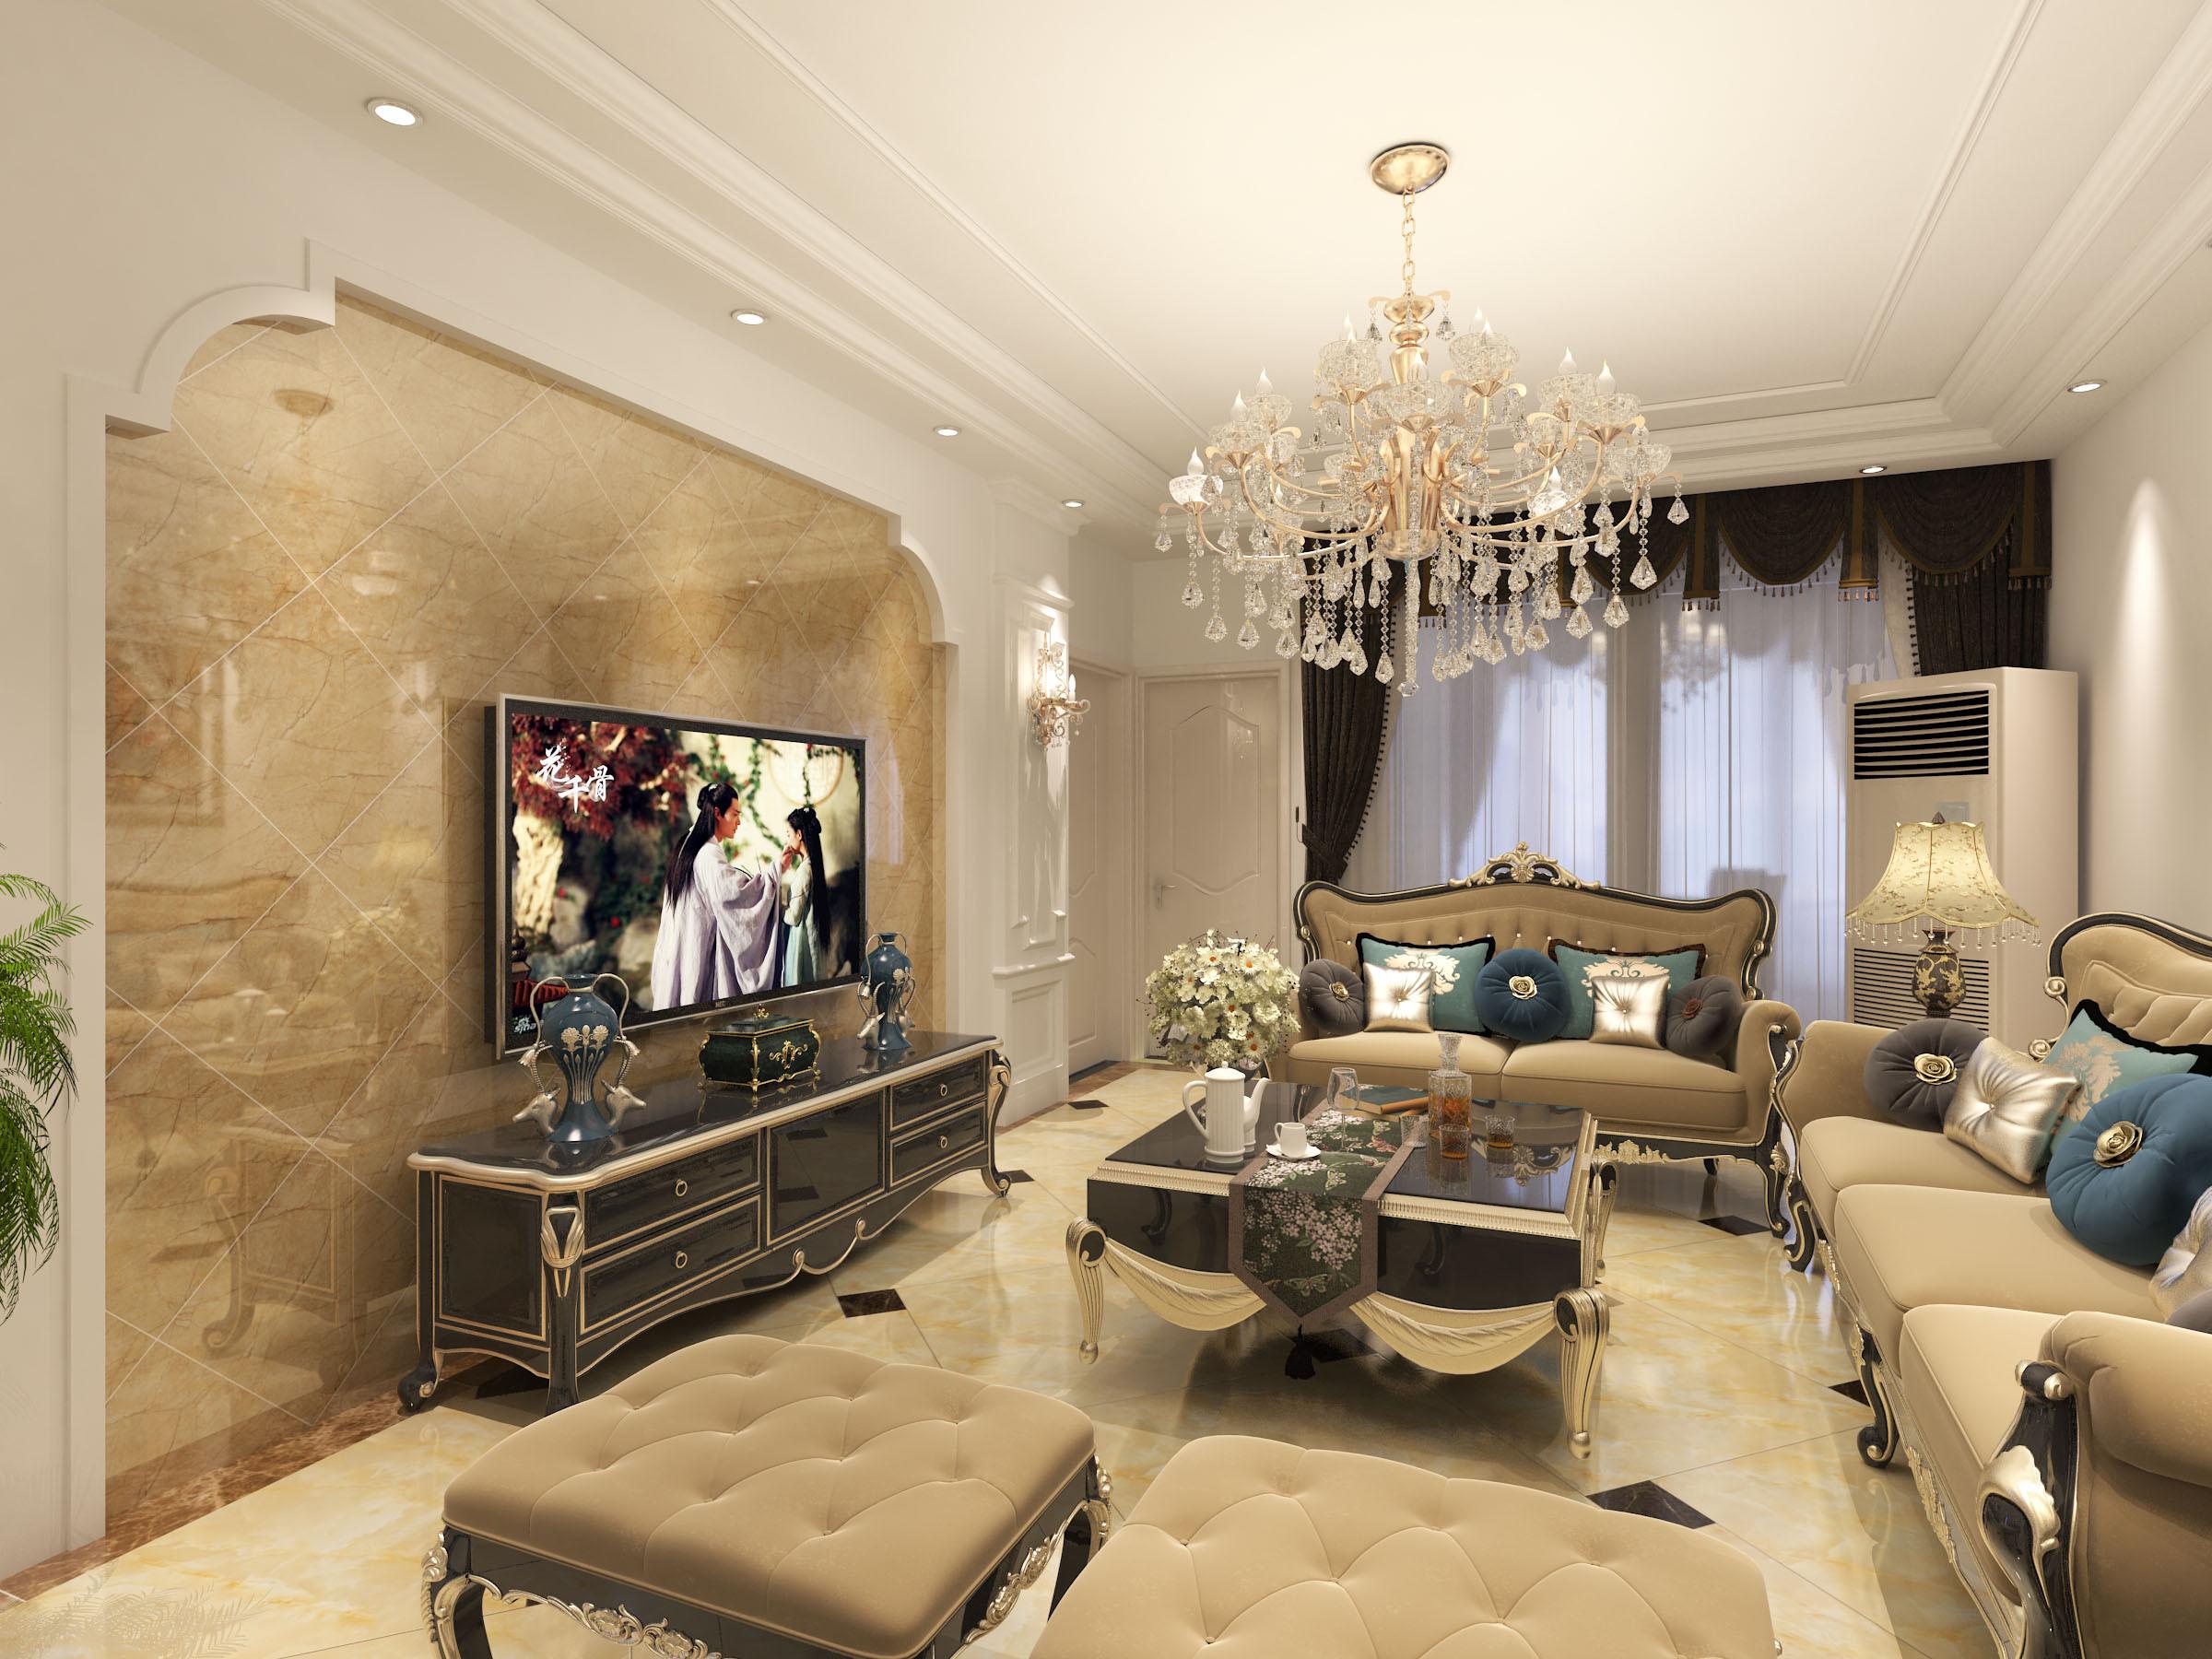 欧式电视墙装修效果图大全2015图片,欧式电视墙装修图